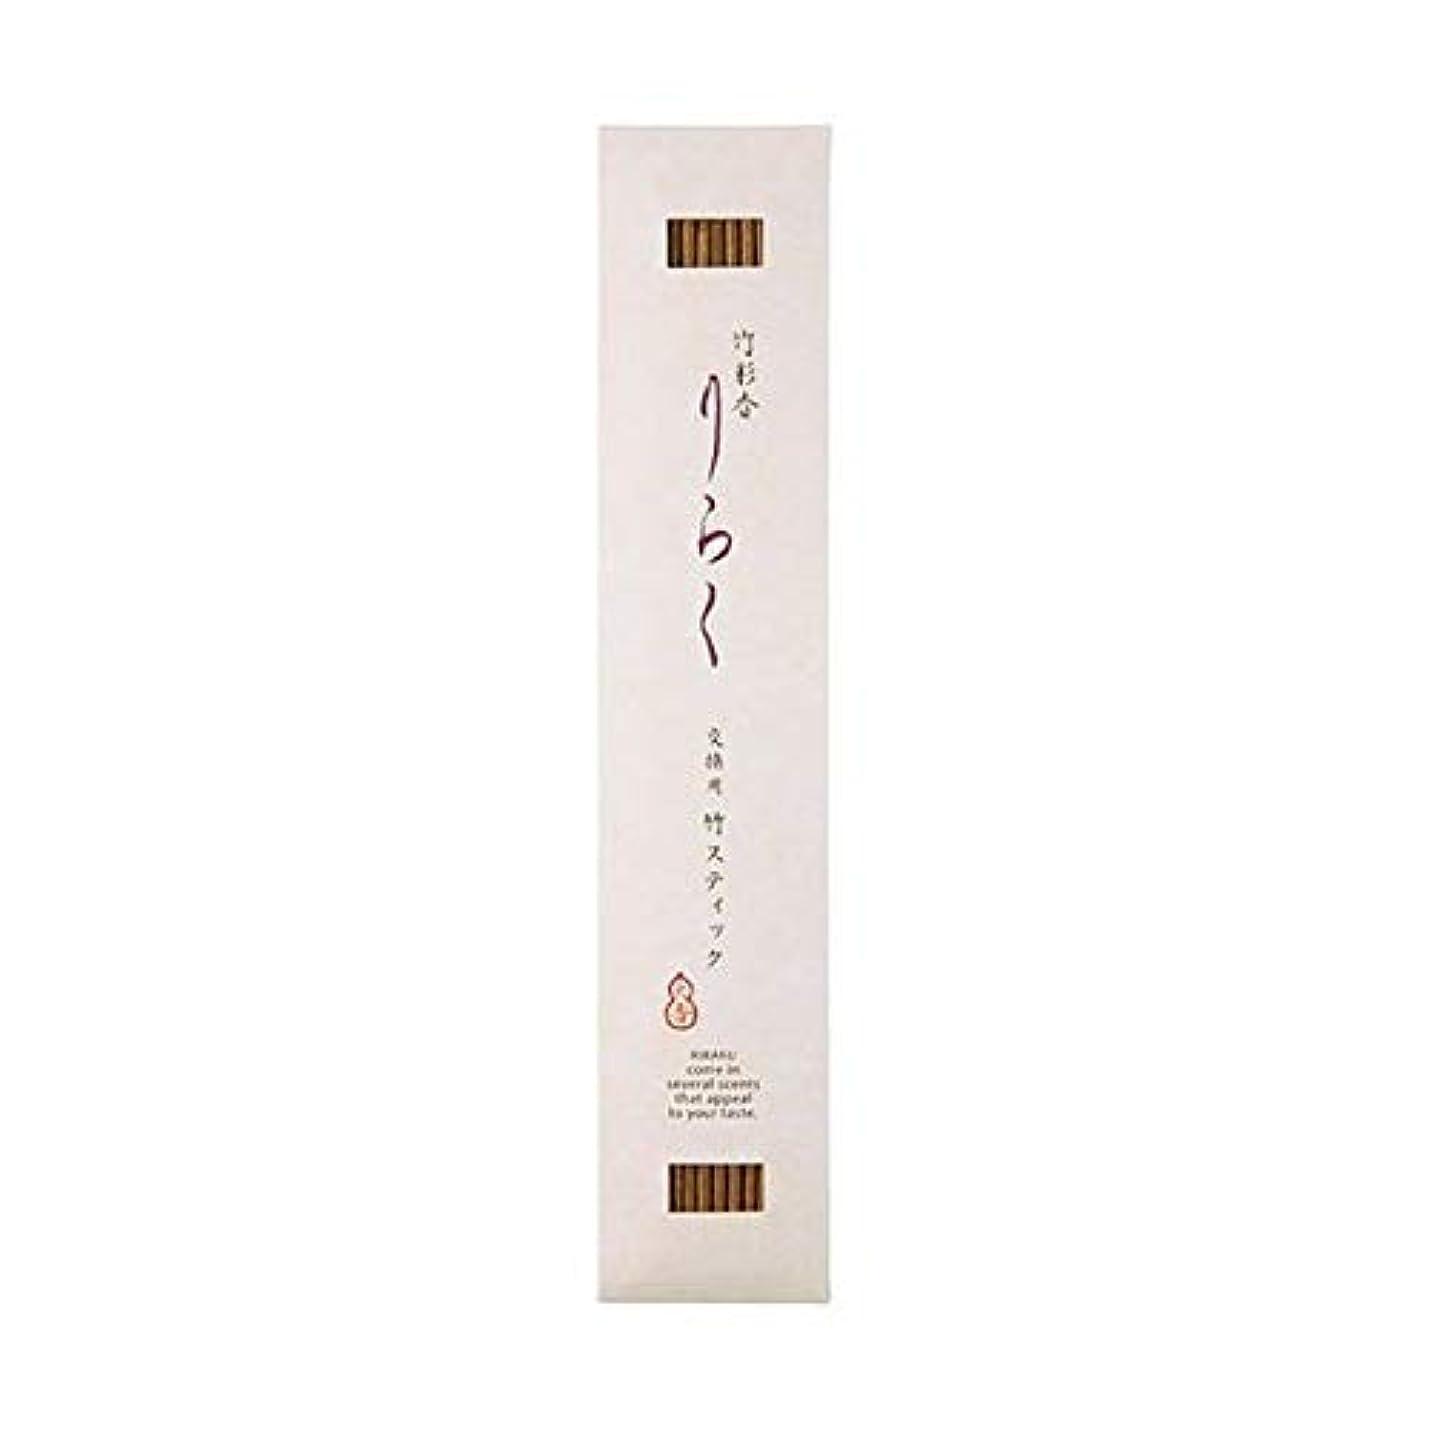 ネックレス傀儡ホイスト竹彩香りらく 交換用竹スティック白檀の色 10本